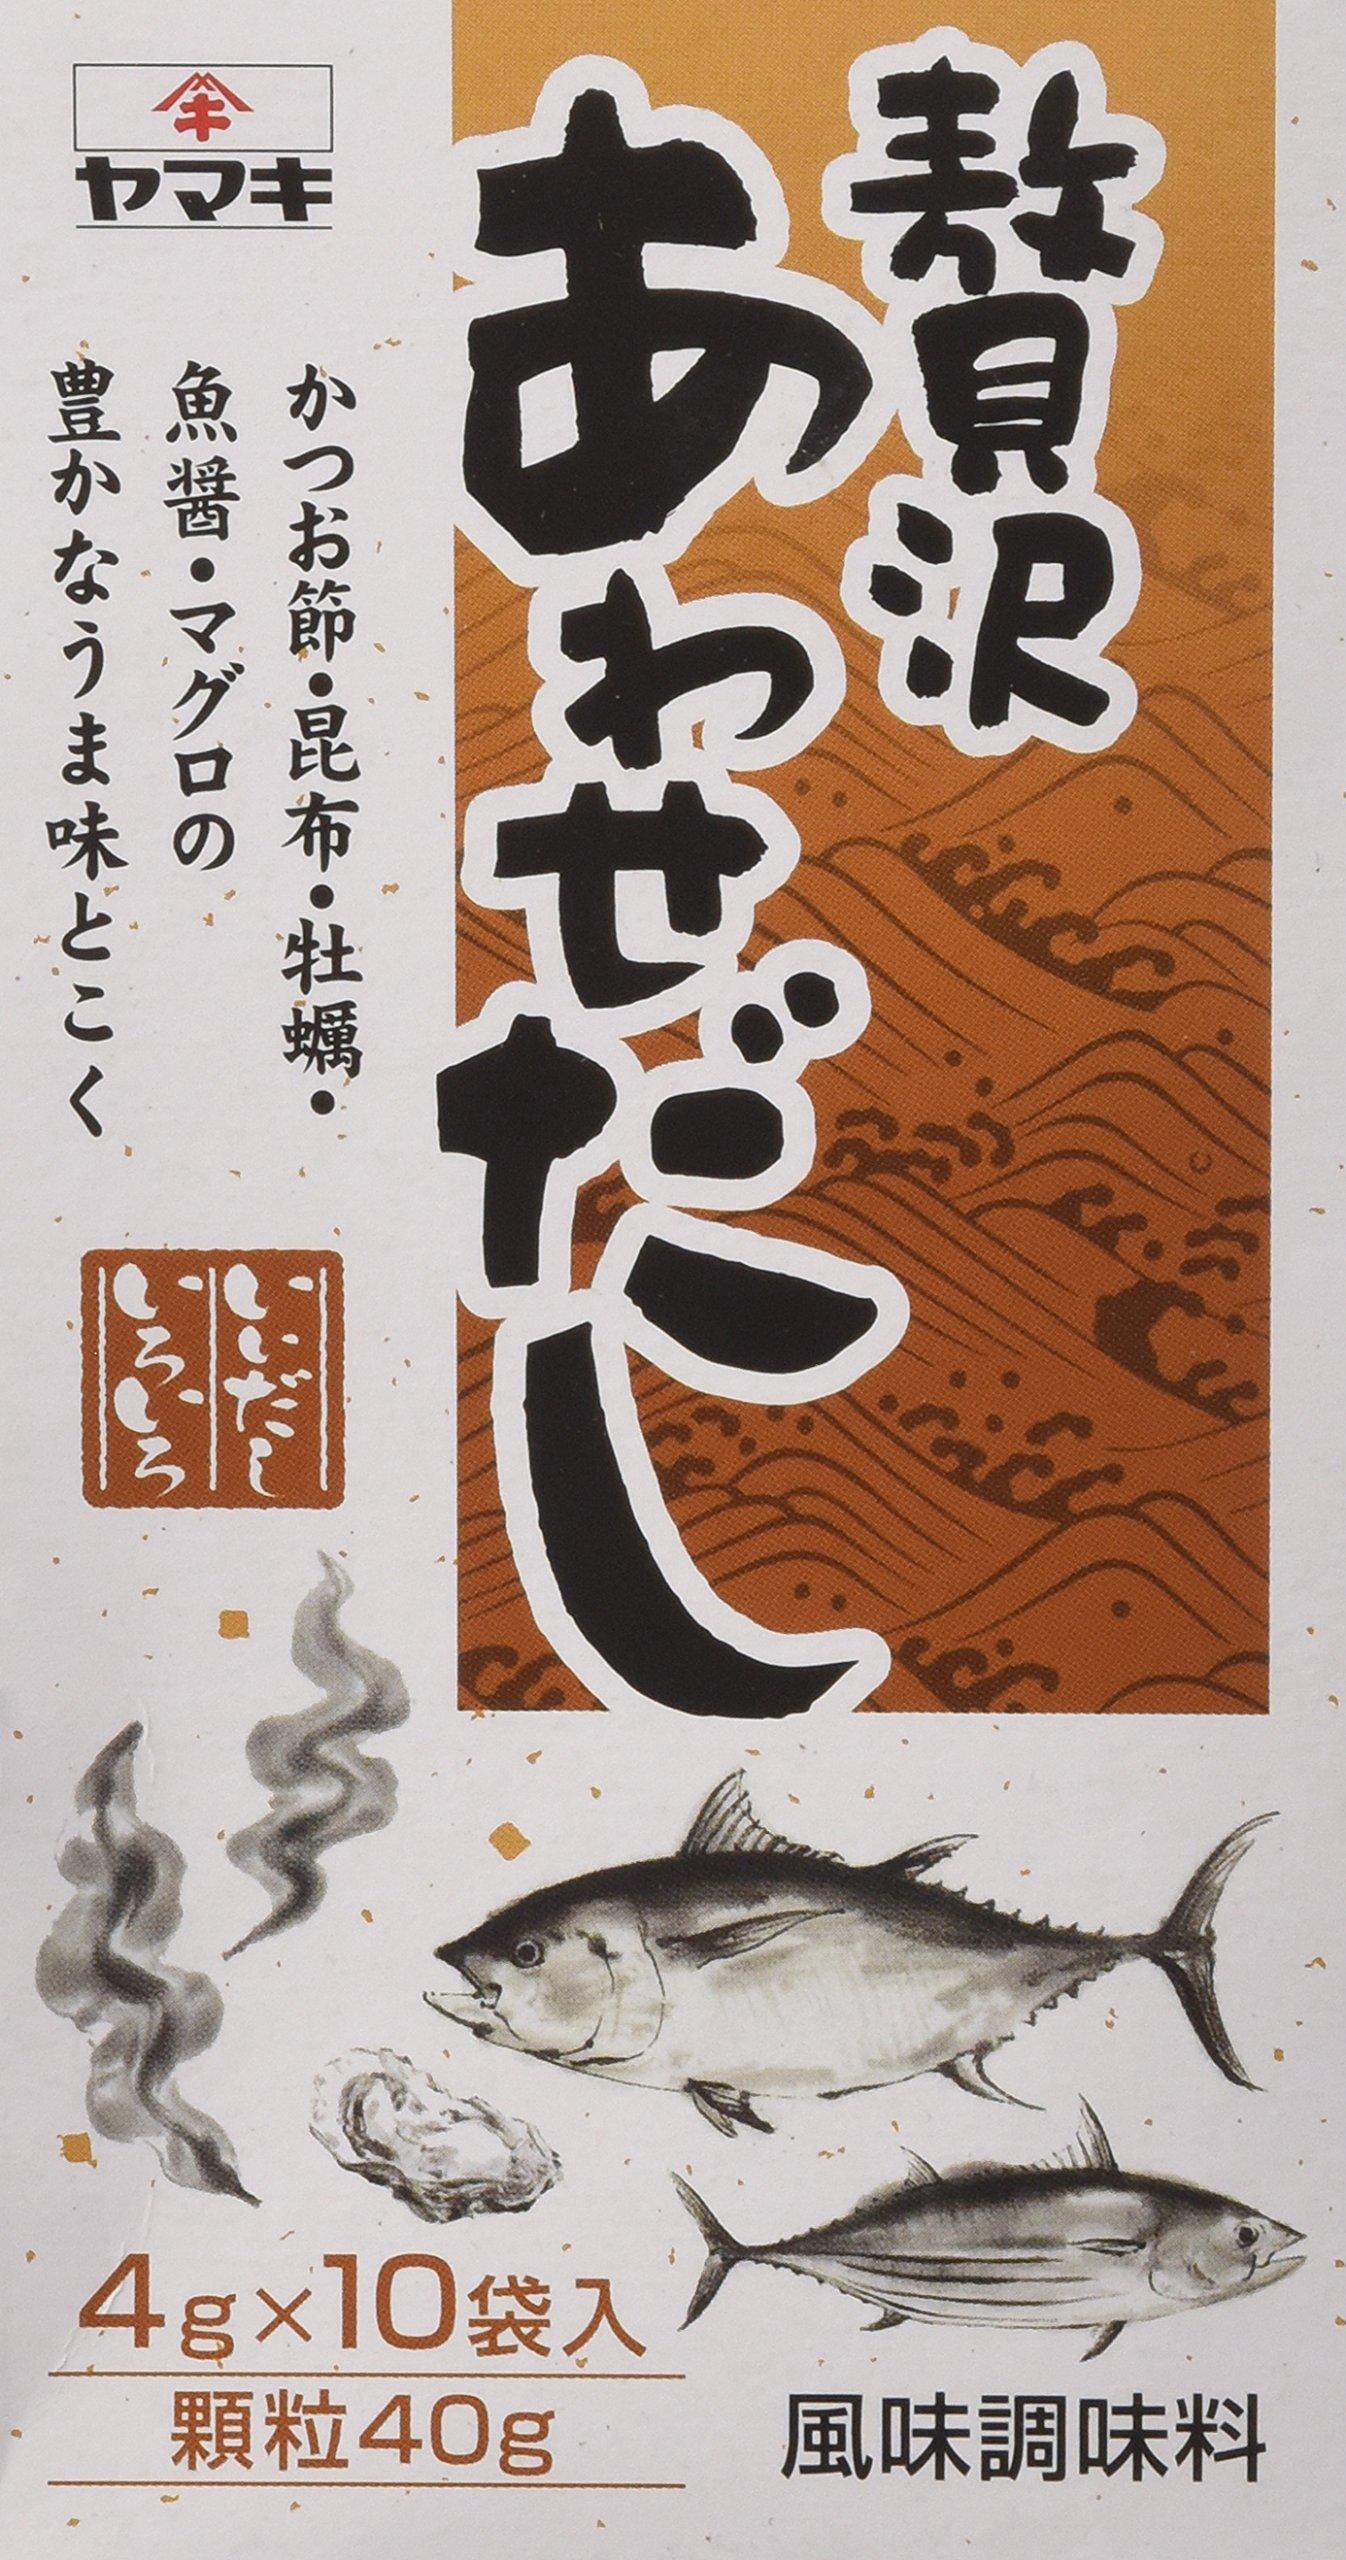 Luxury Bonito and Kombu Dashi Powder (Bonito and Kombu Soup Stock Powder) by Yamaki